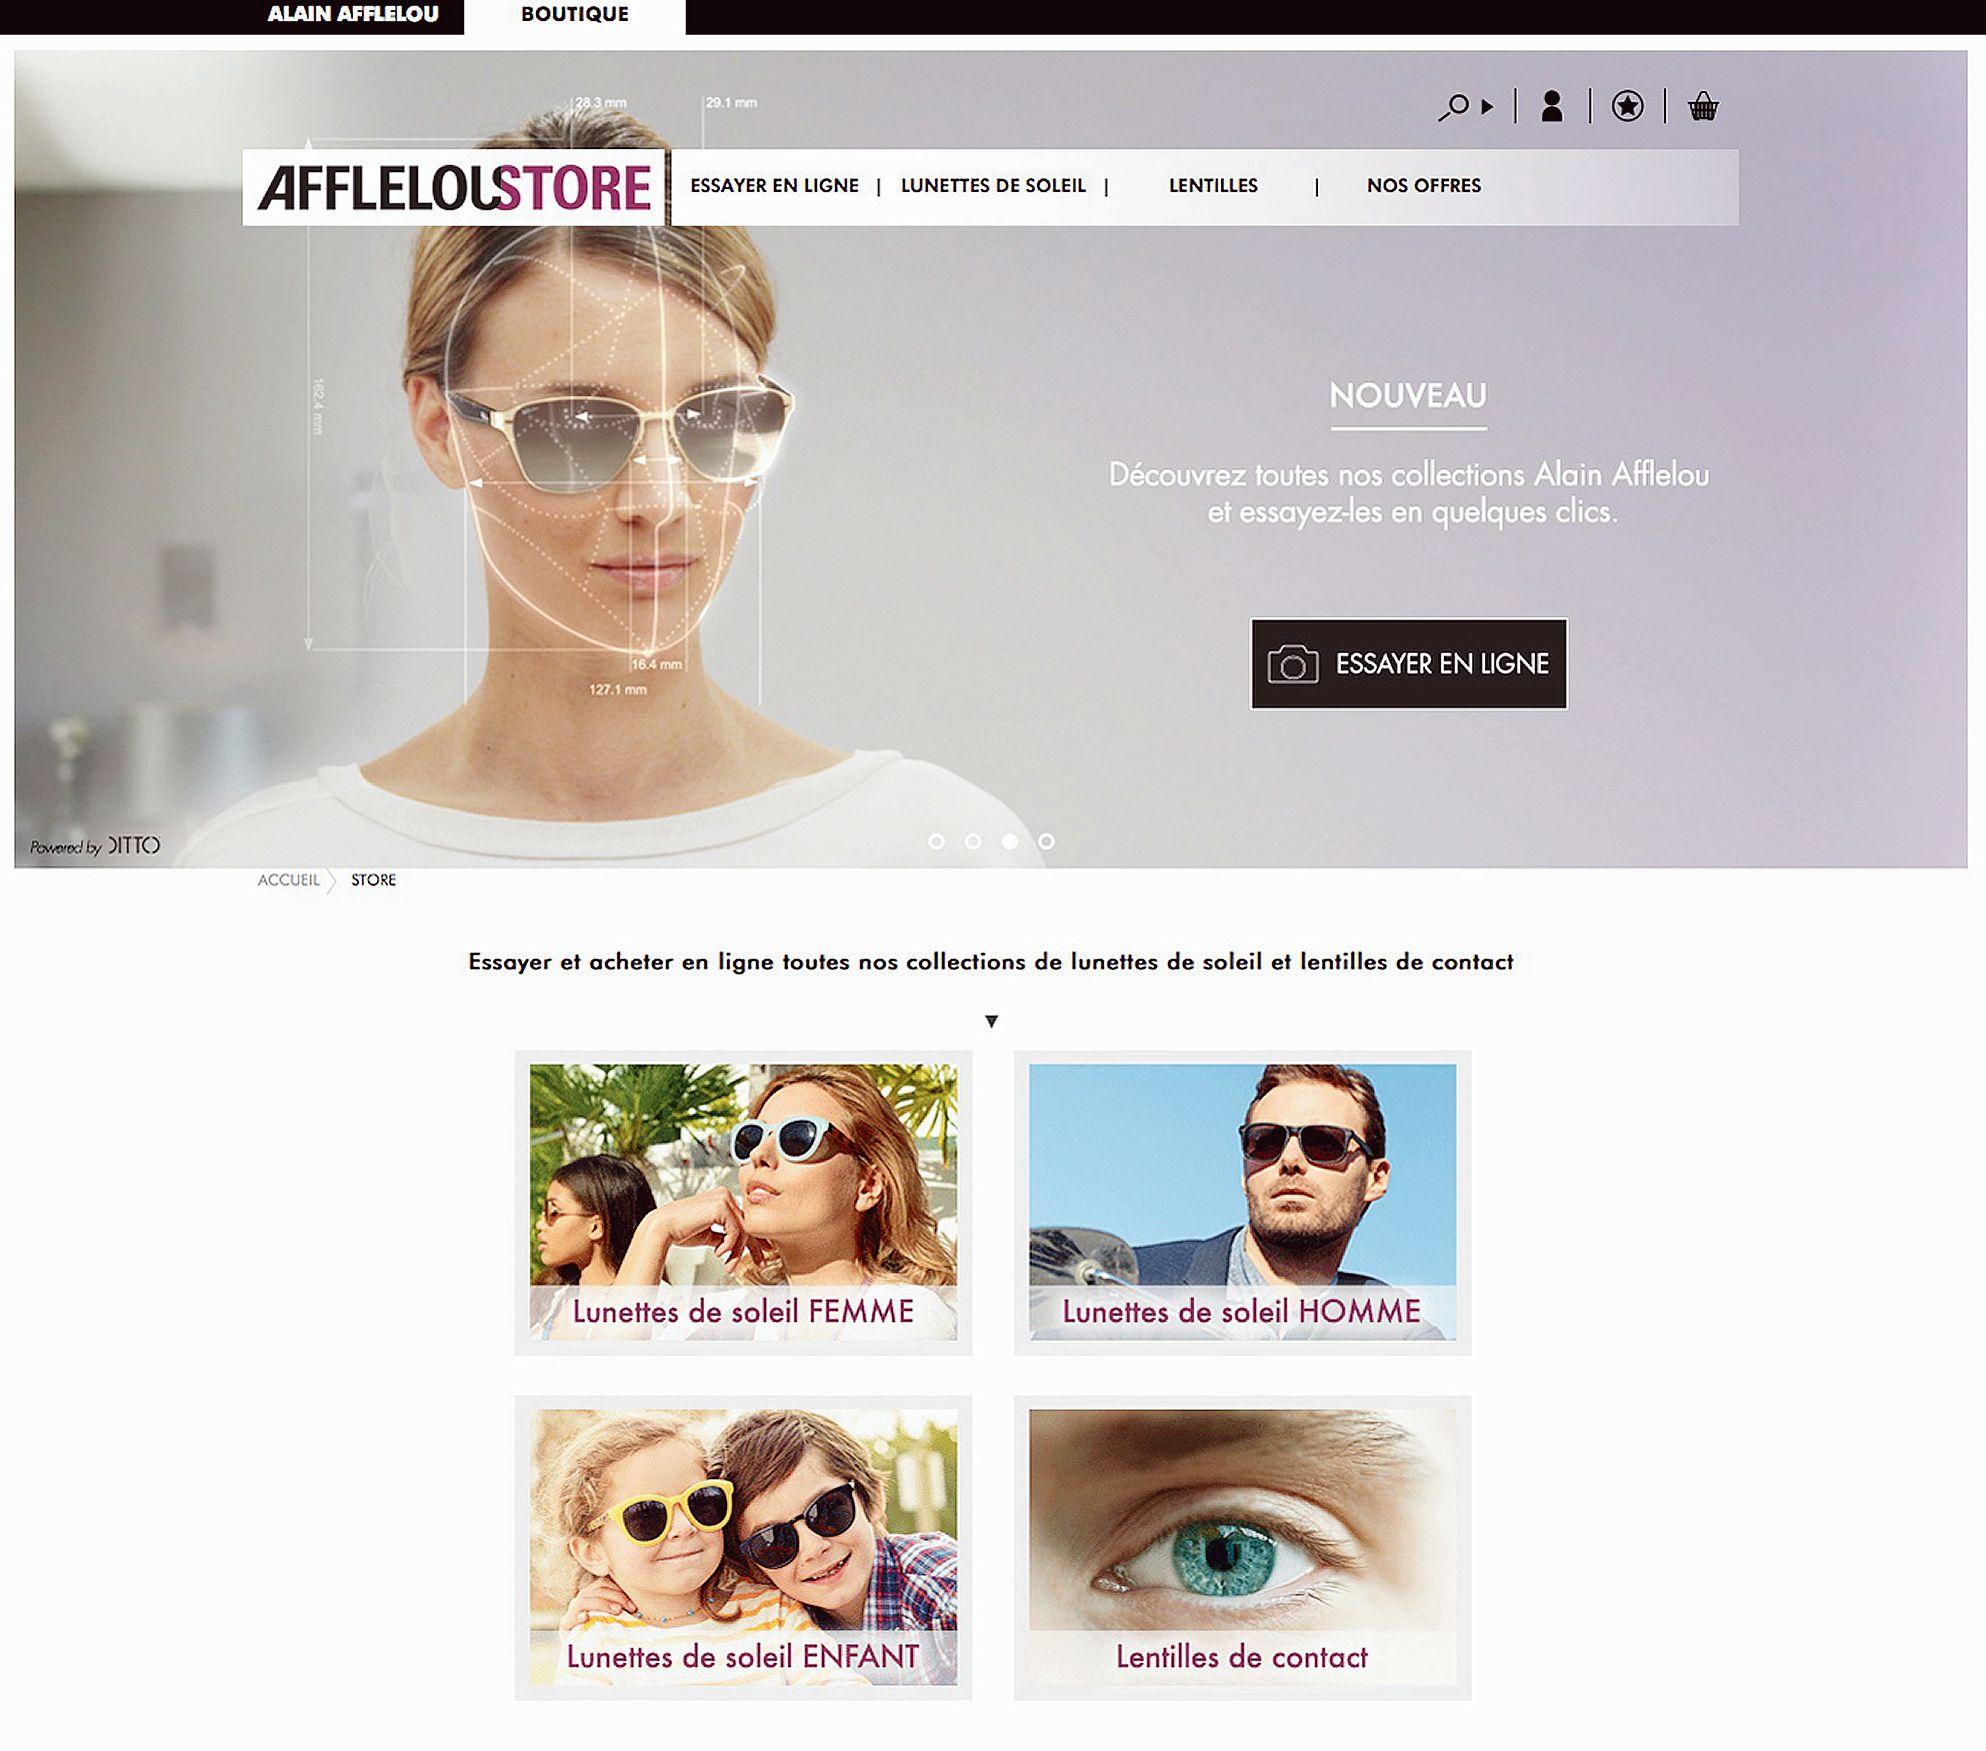 Essayer lunettes en ligne afflelou for Miroir virtuel krys